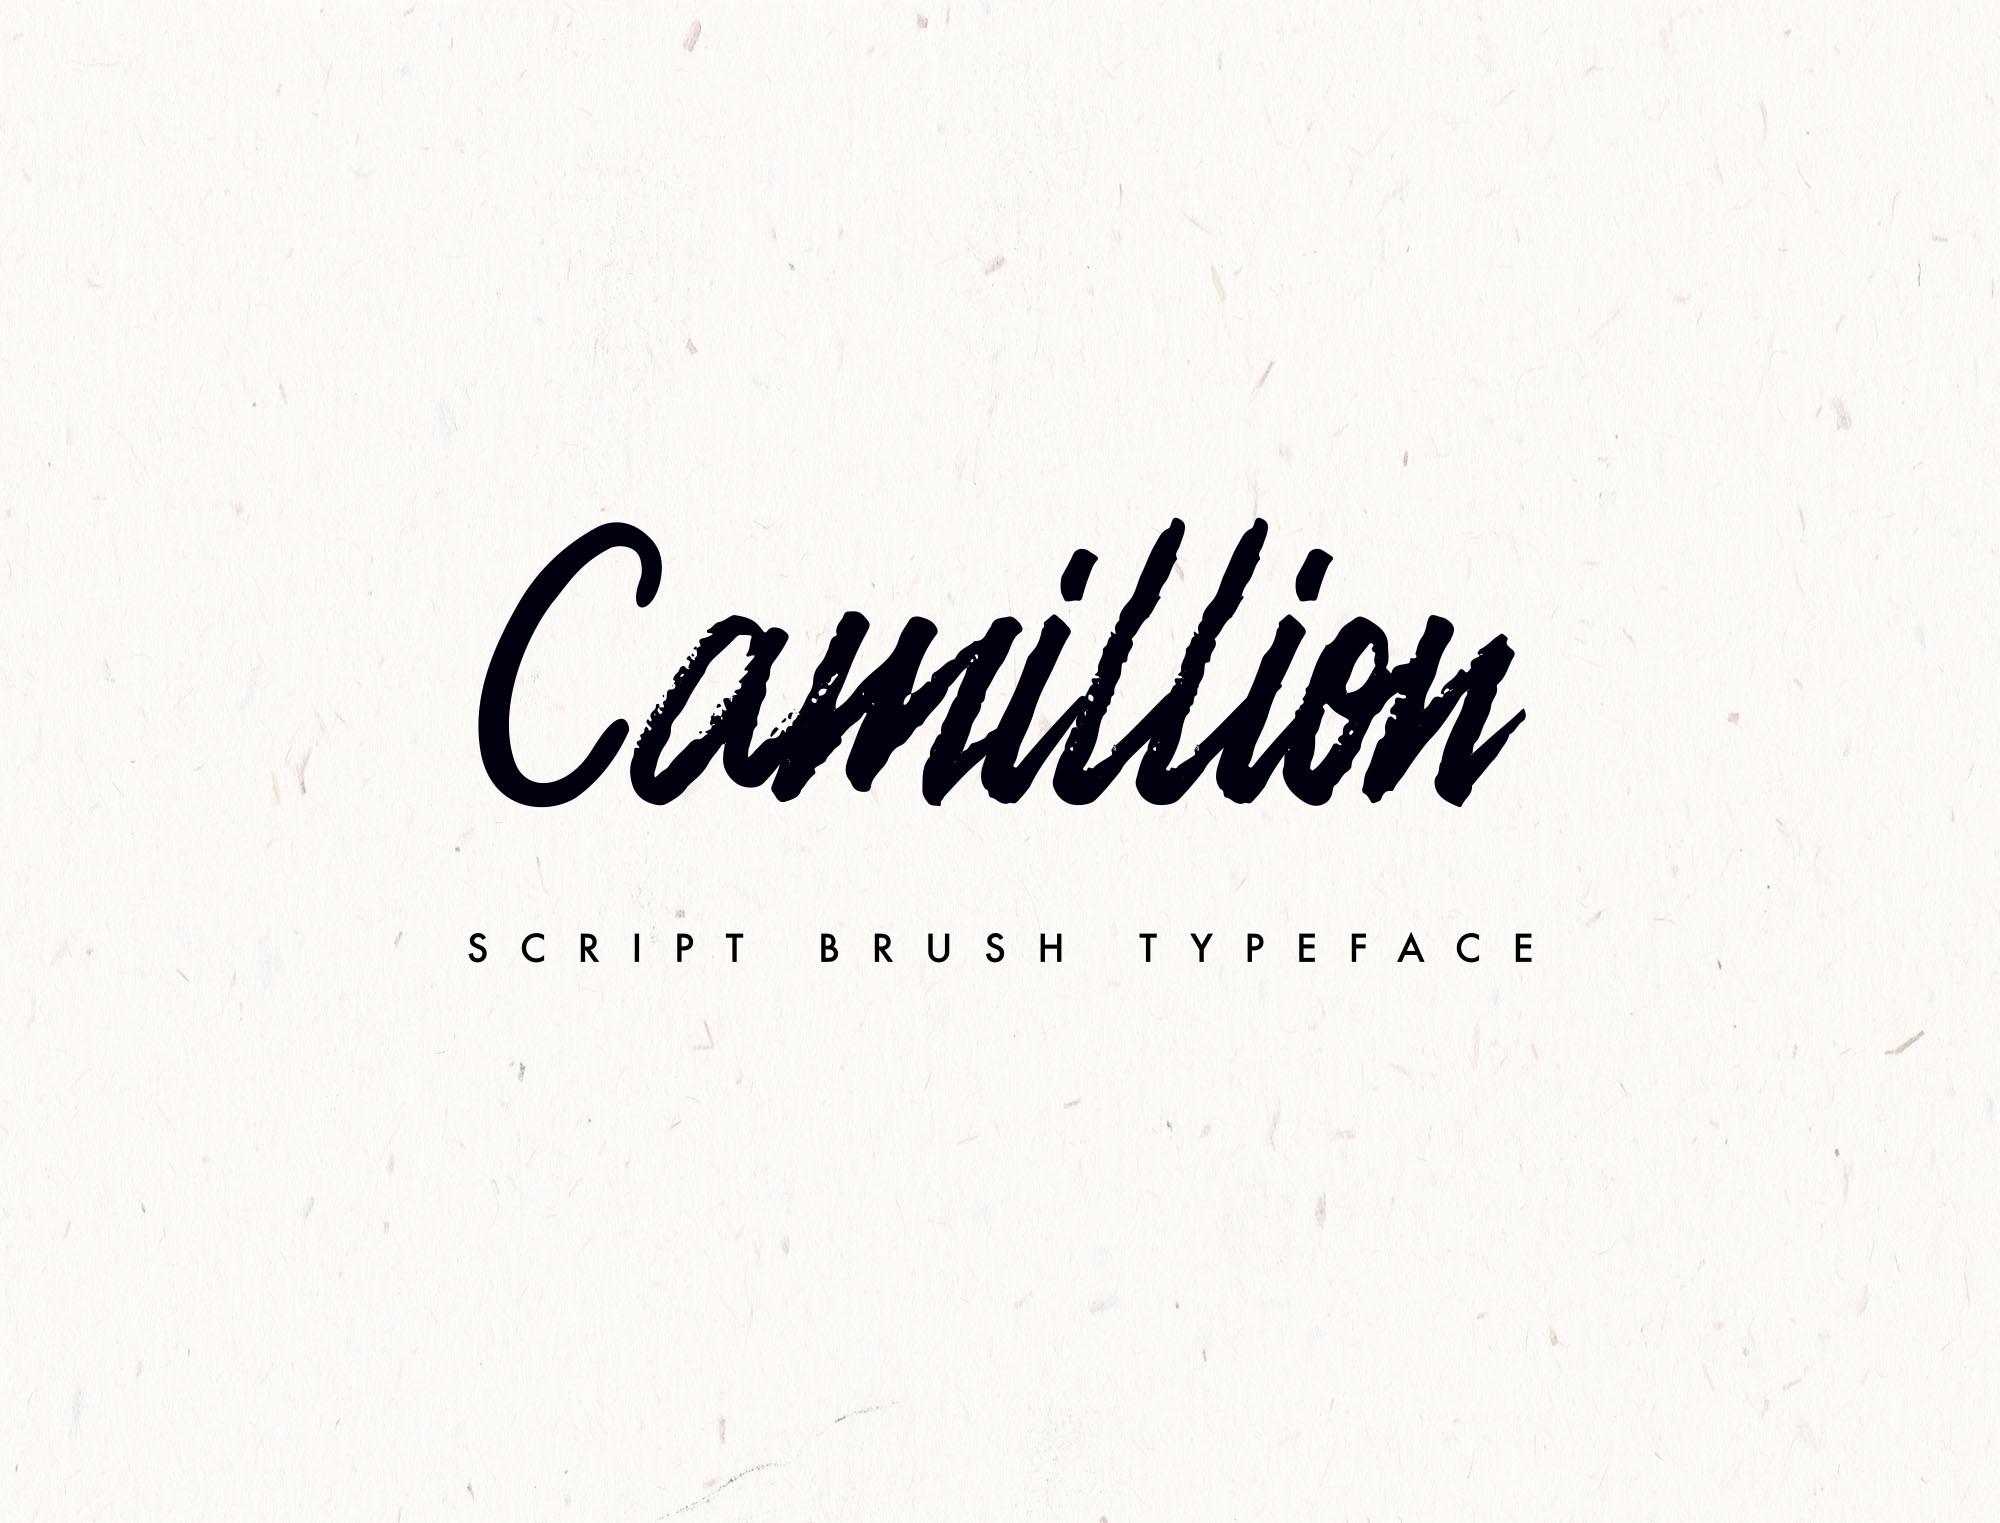 Camellion Script Typeface